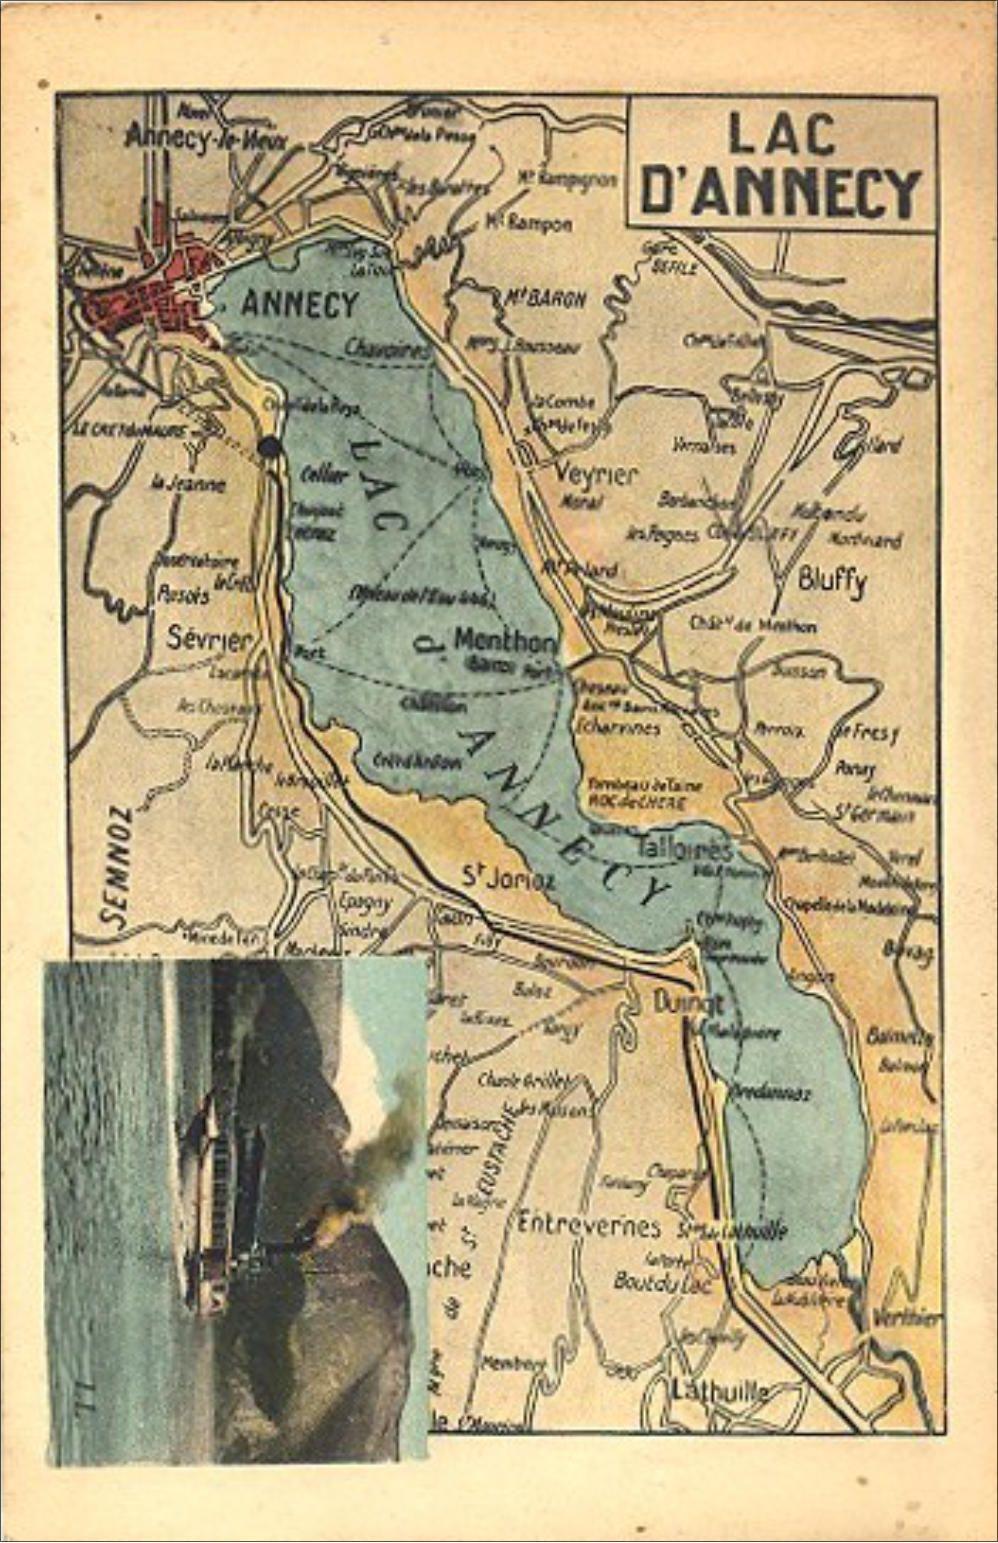 Haute-Savoie - Lac d'Annecy. CPA 73 - Carte postale ancienne de Savoie - carte de la Savoie ...